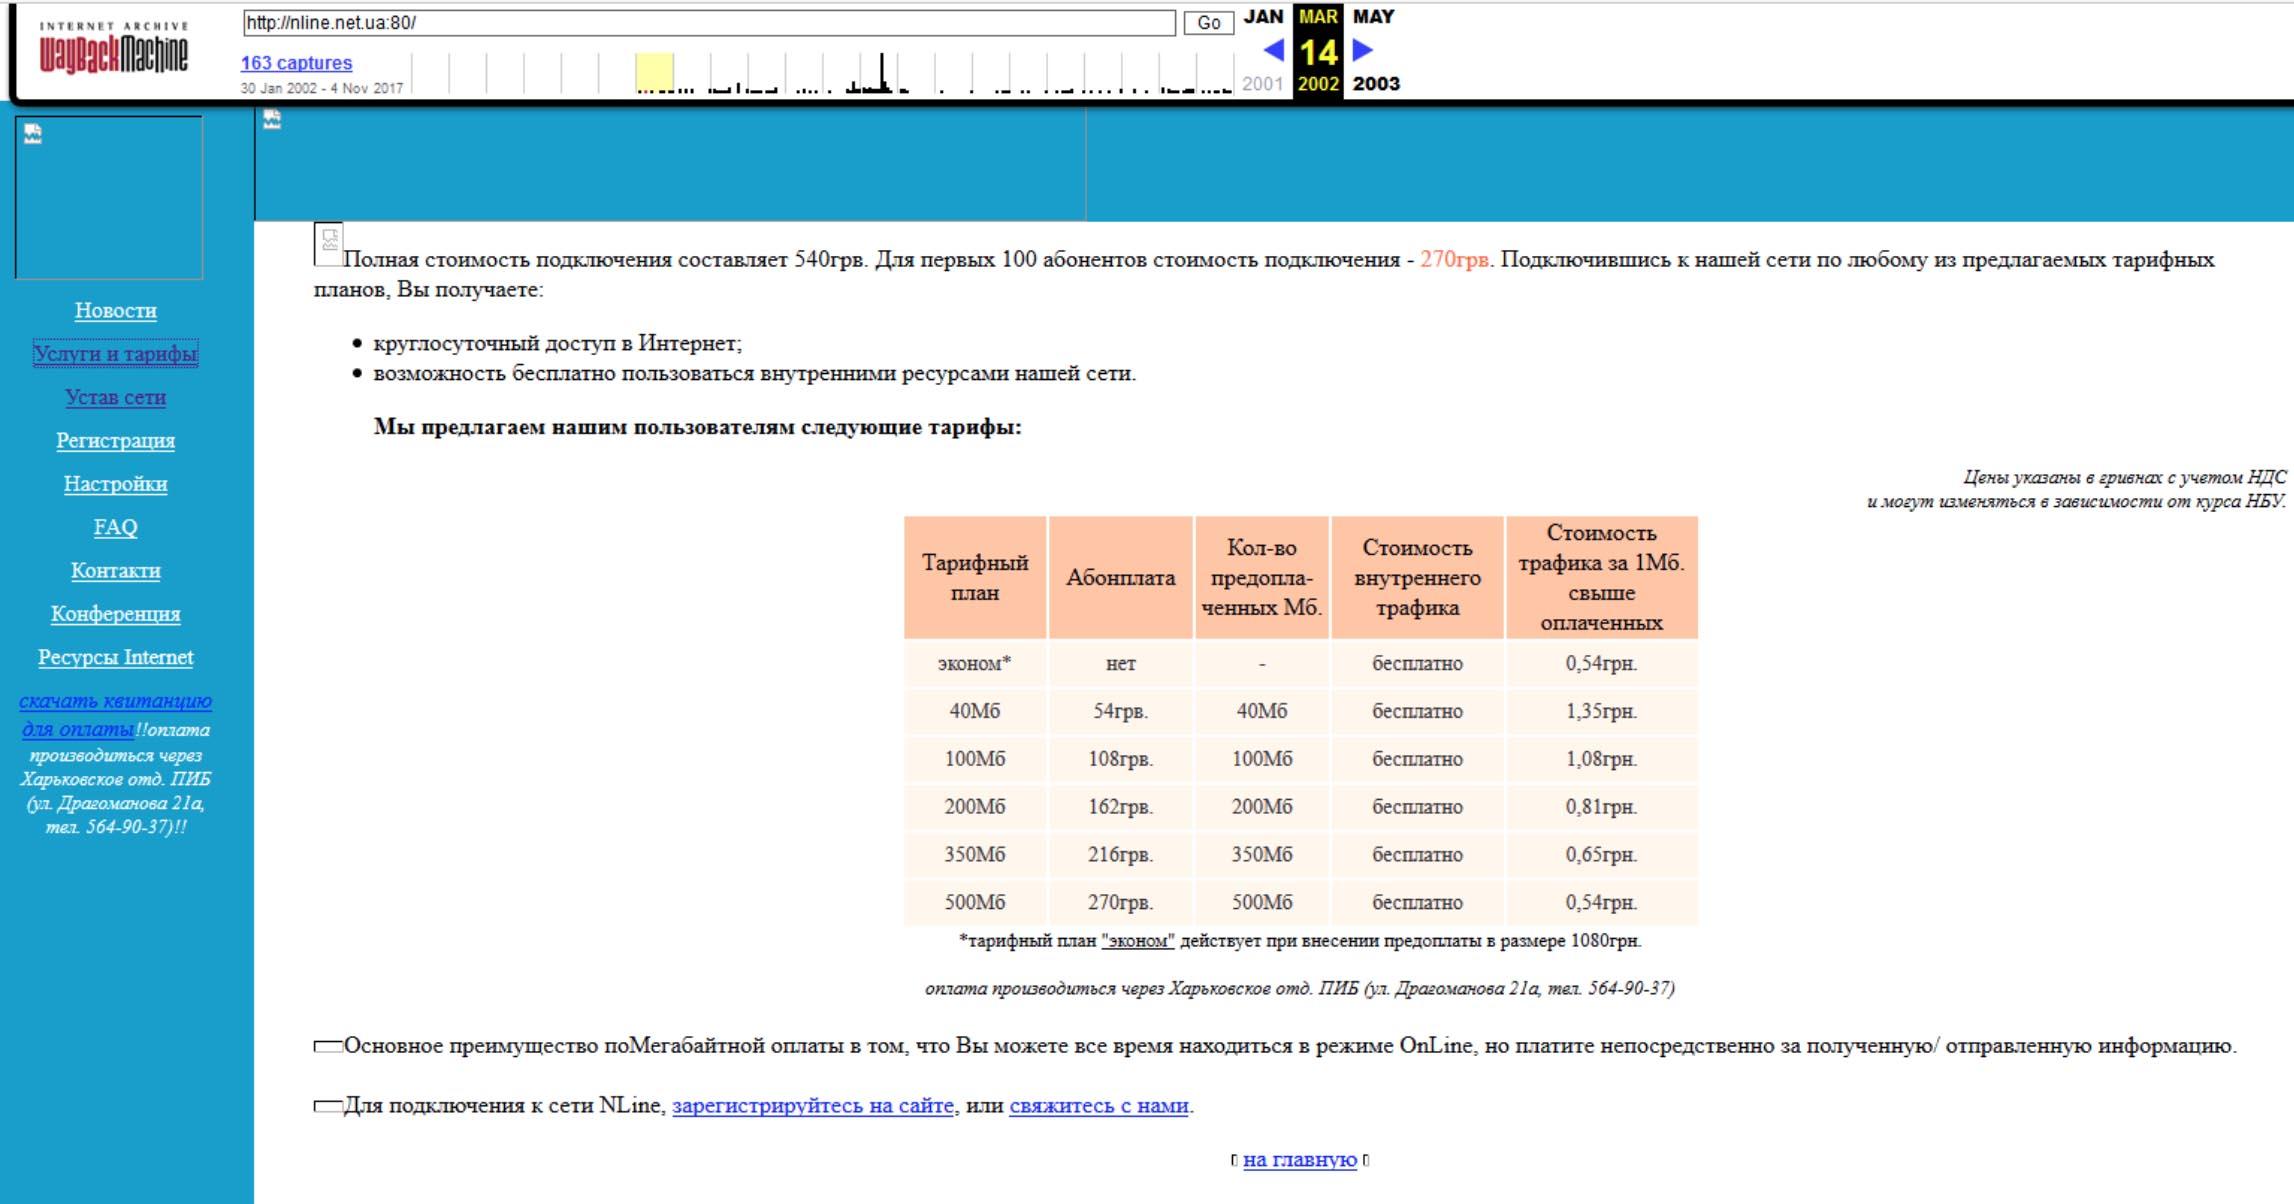 20 лет эволюции сети Интернет в Украине, а какой вы помните сеть 20 или 10 лет назад? - 12